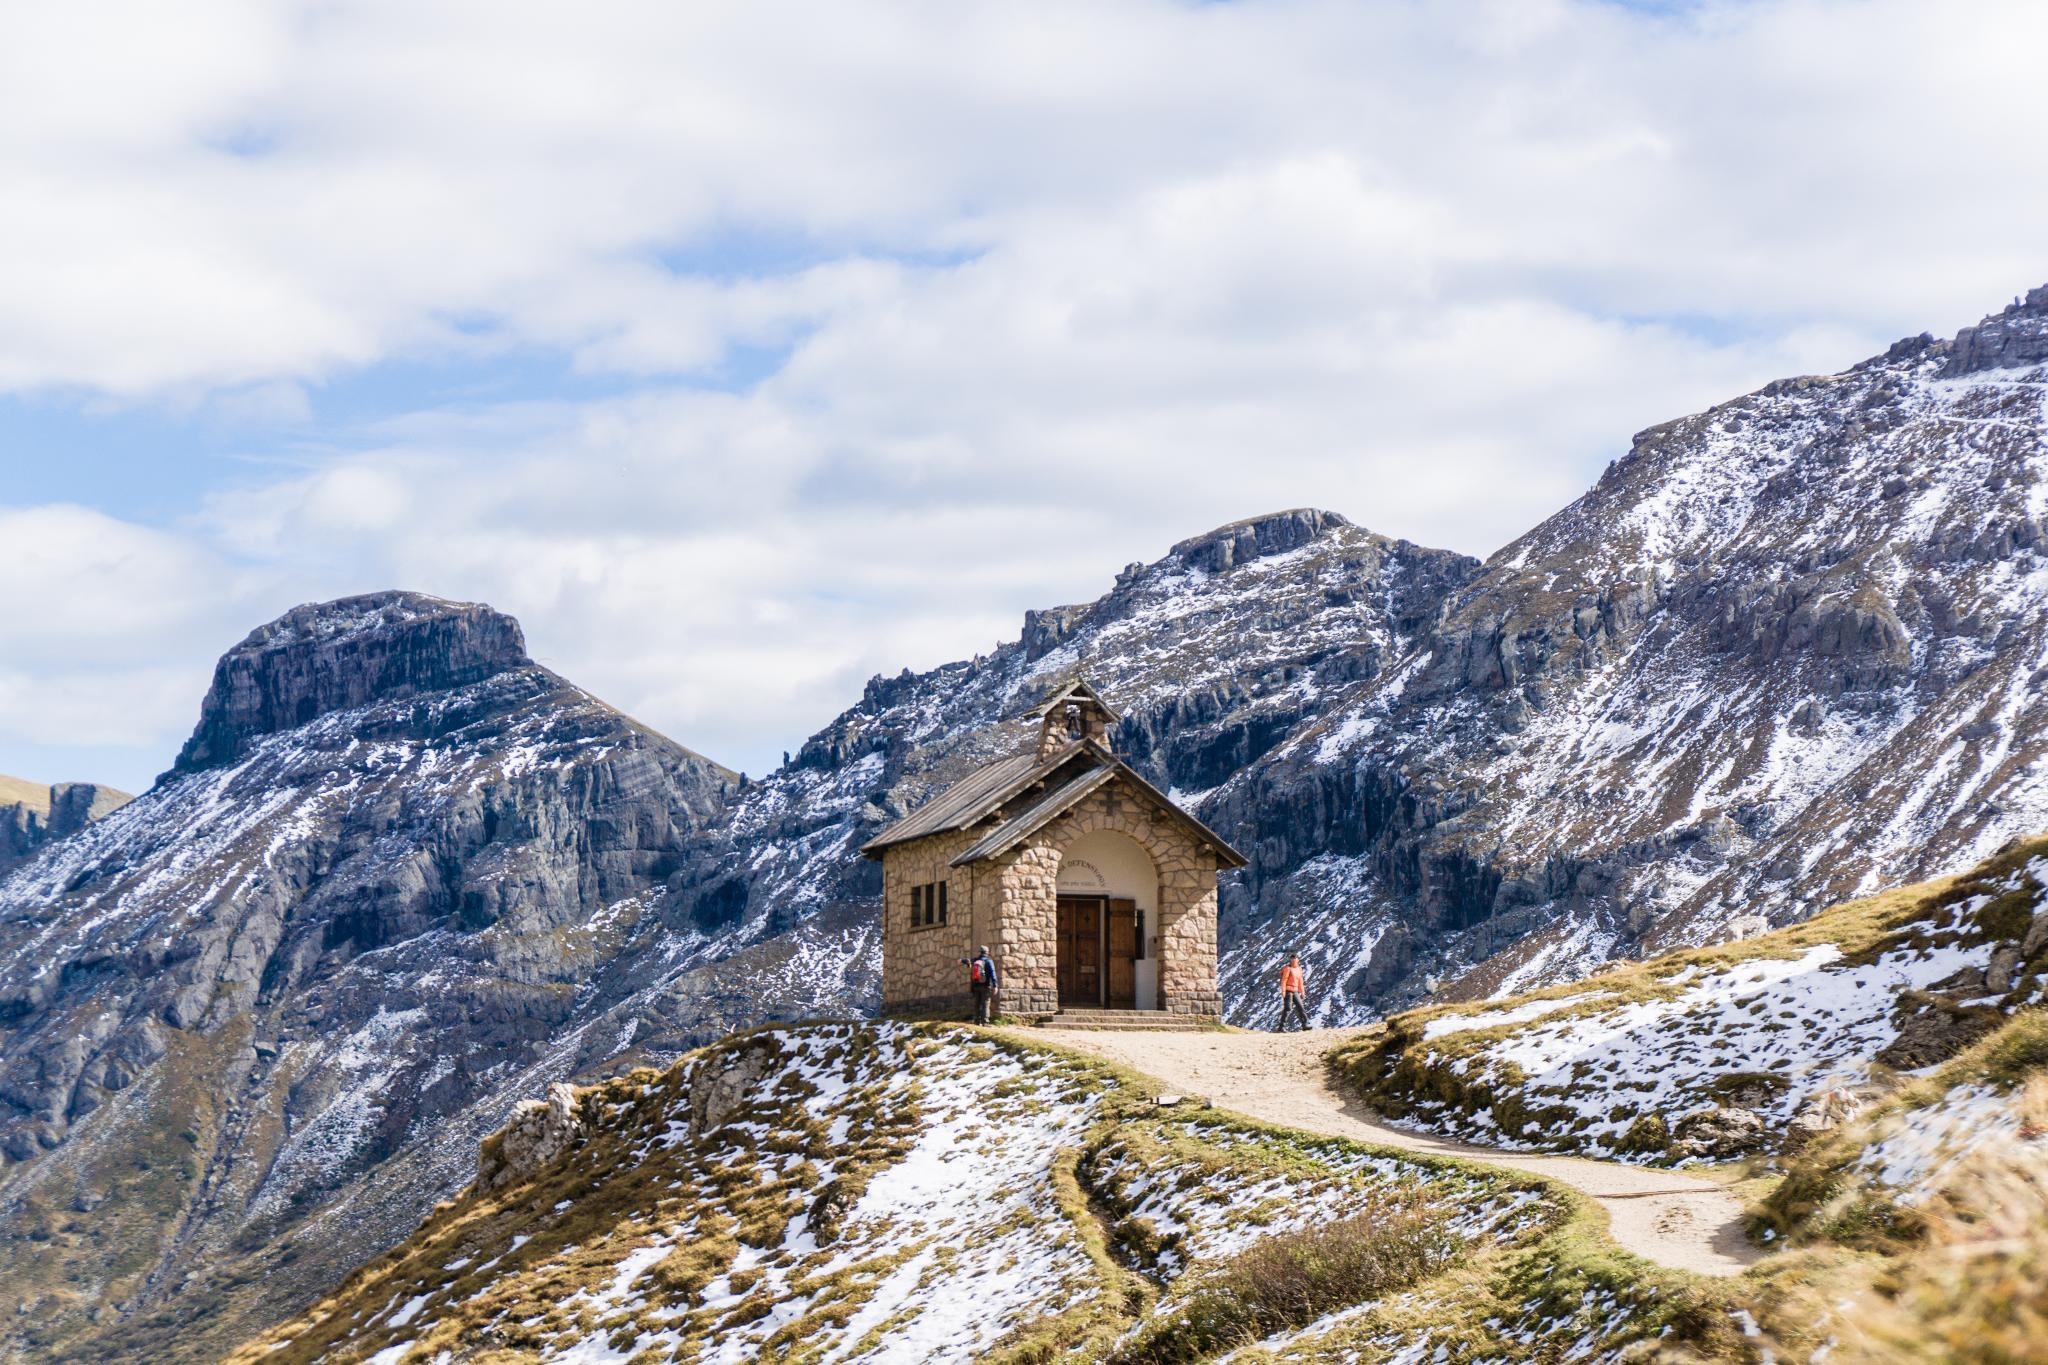 【義大利】健行在阿爾卑斯的絕美秘境:多洛米提山脈 (The Dolomites) 行程規劃全攻略 19